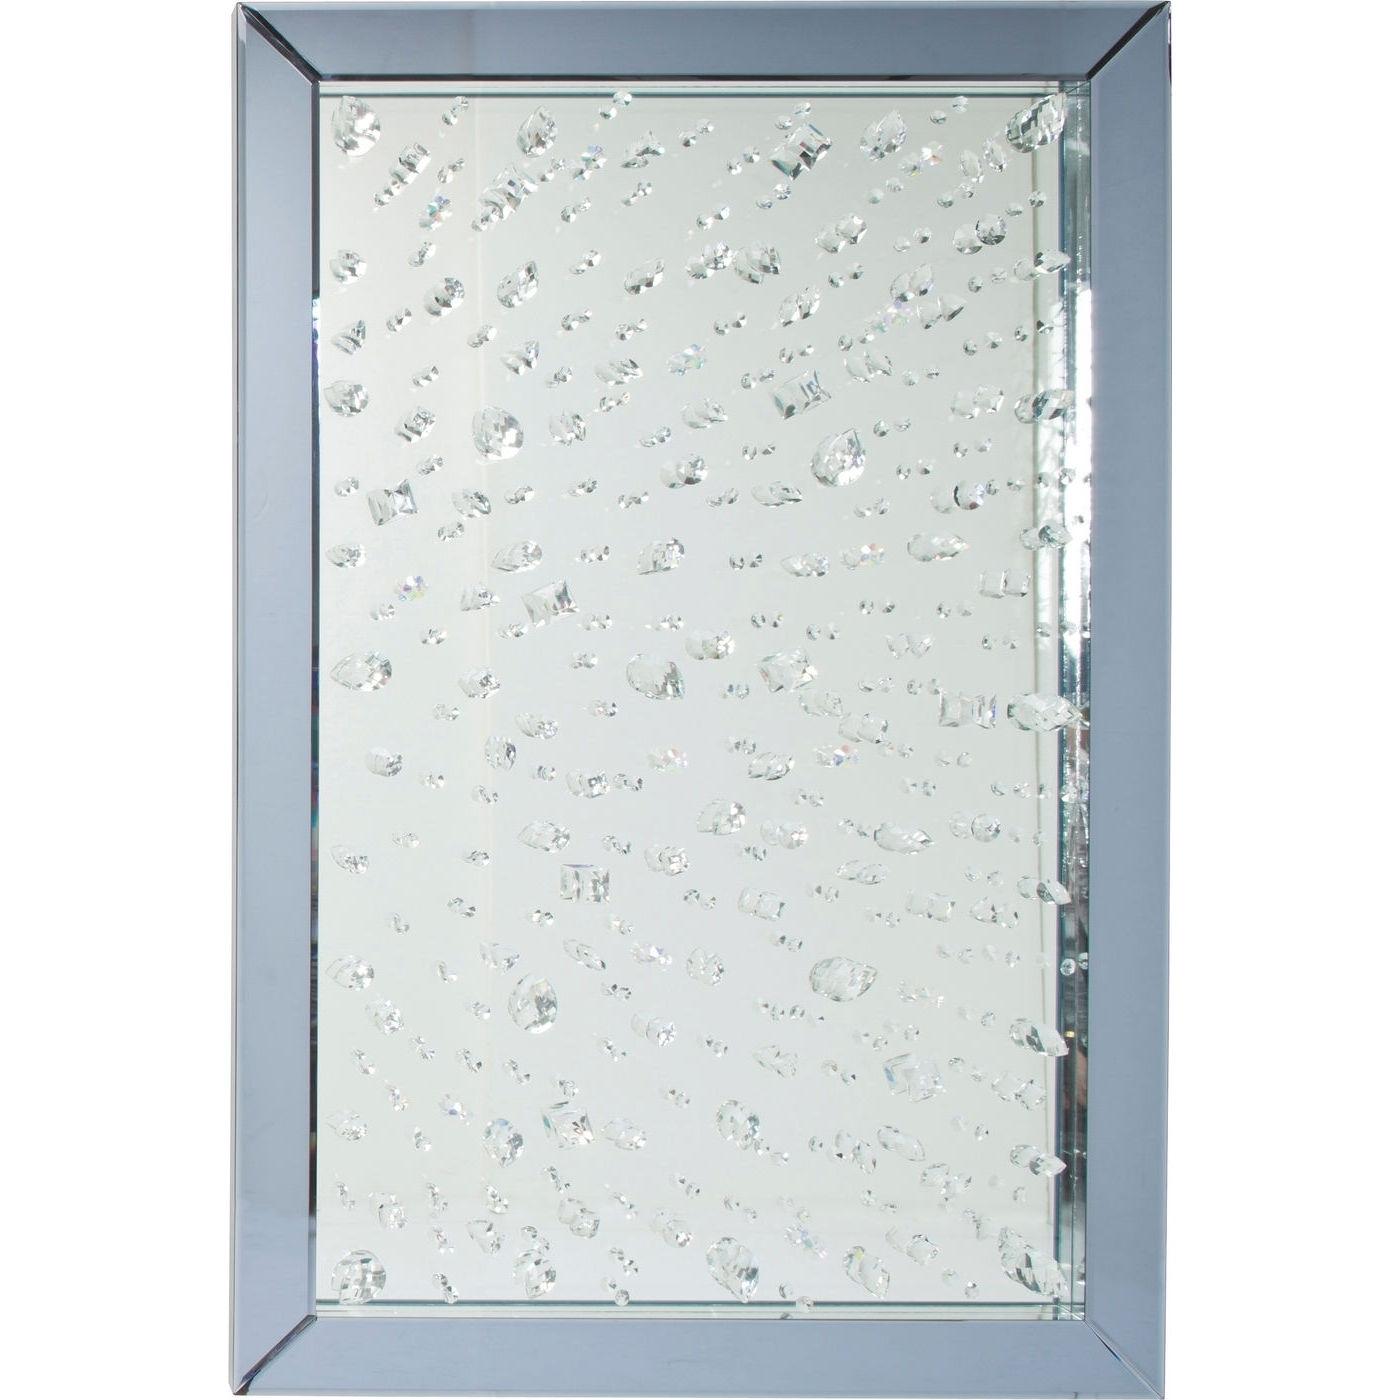 Spiegel Raindrops 120x80cm